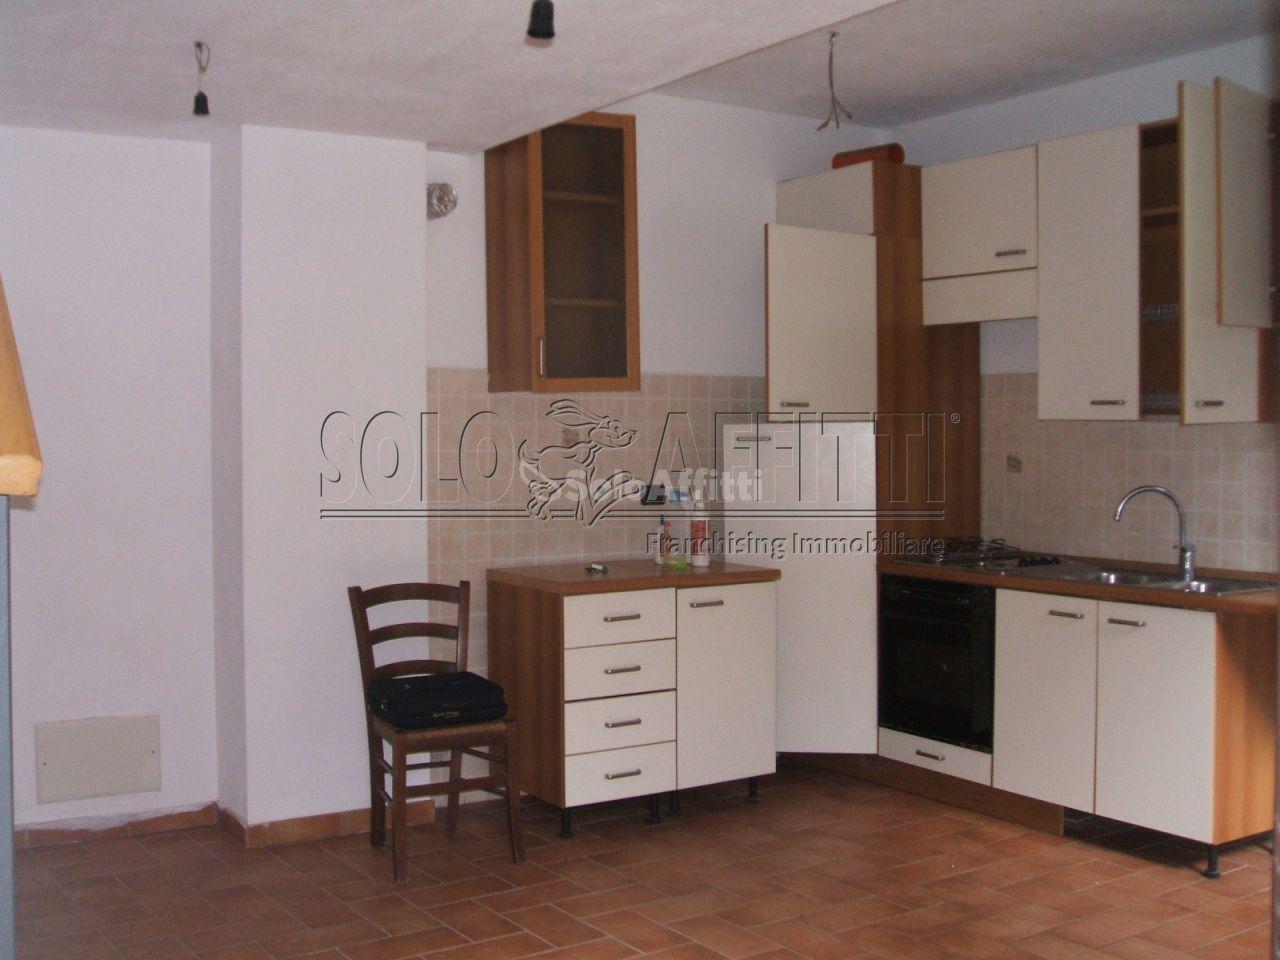 Appartamento in affitto a Mezzanego, 3 locali, prezzo € 300 | PortaleAgenzieImmobiliari.it